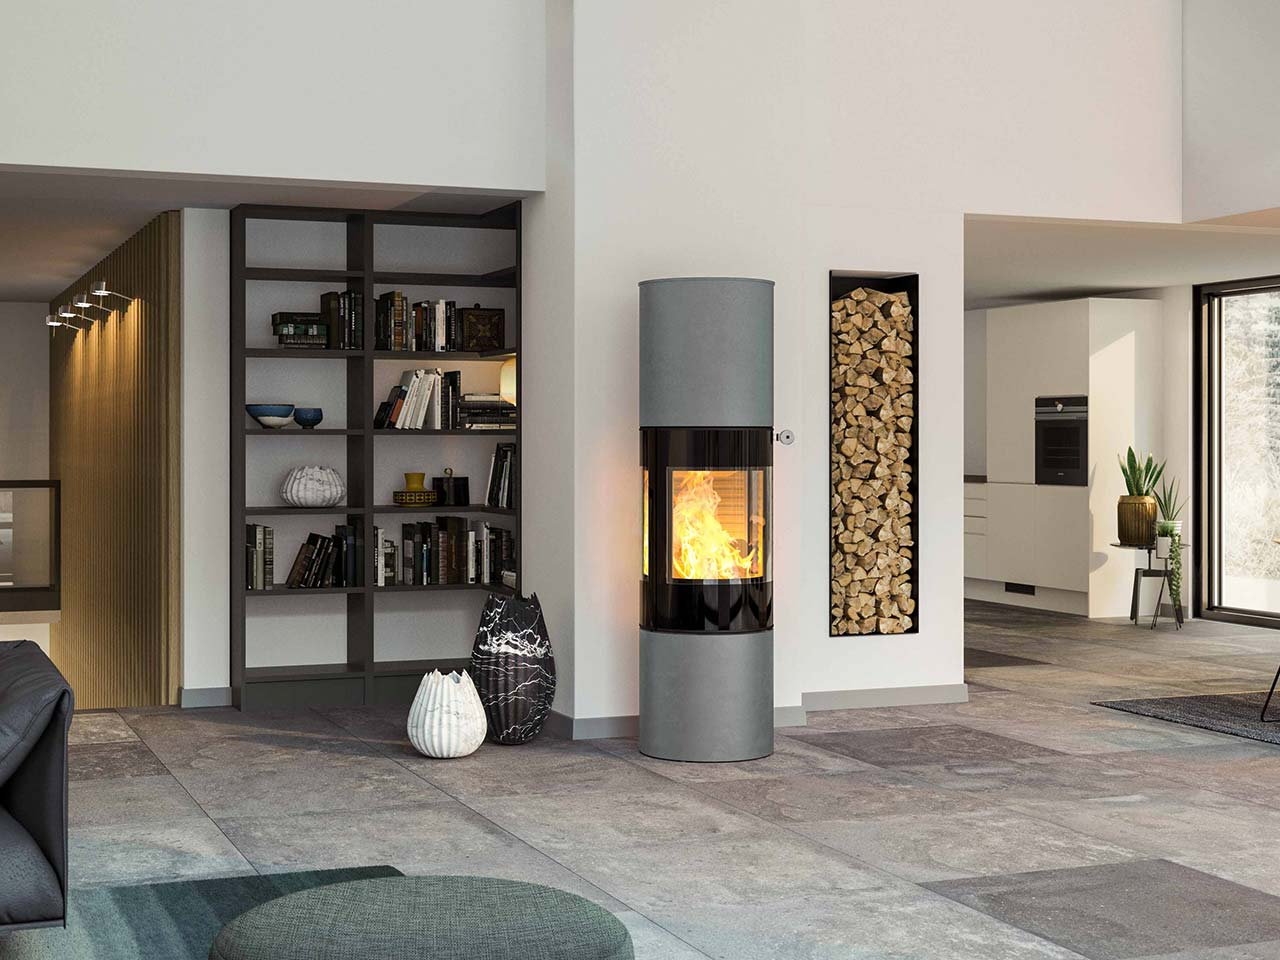 Kaminofen attika VIVA 160 in grauer Ausführung mit schwarzer Brennzelle